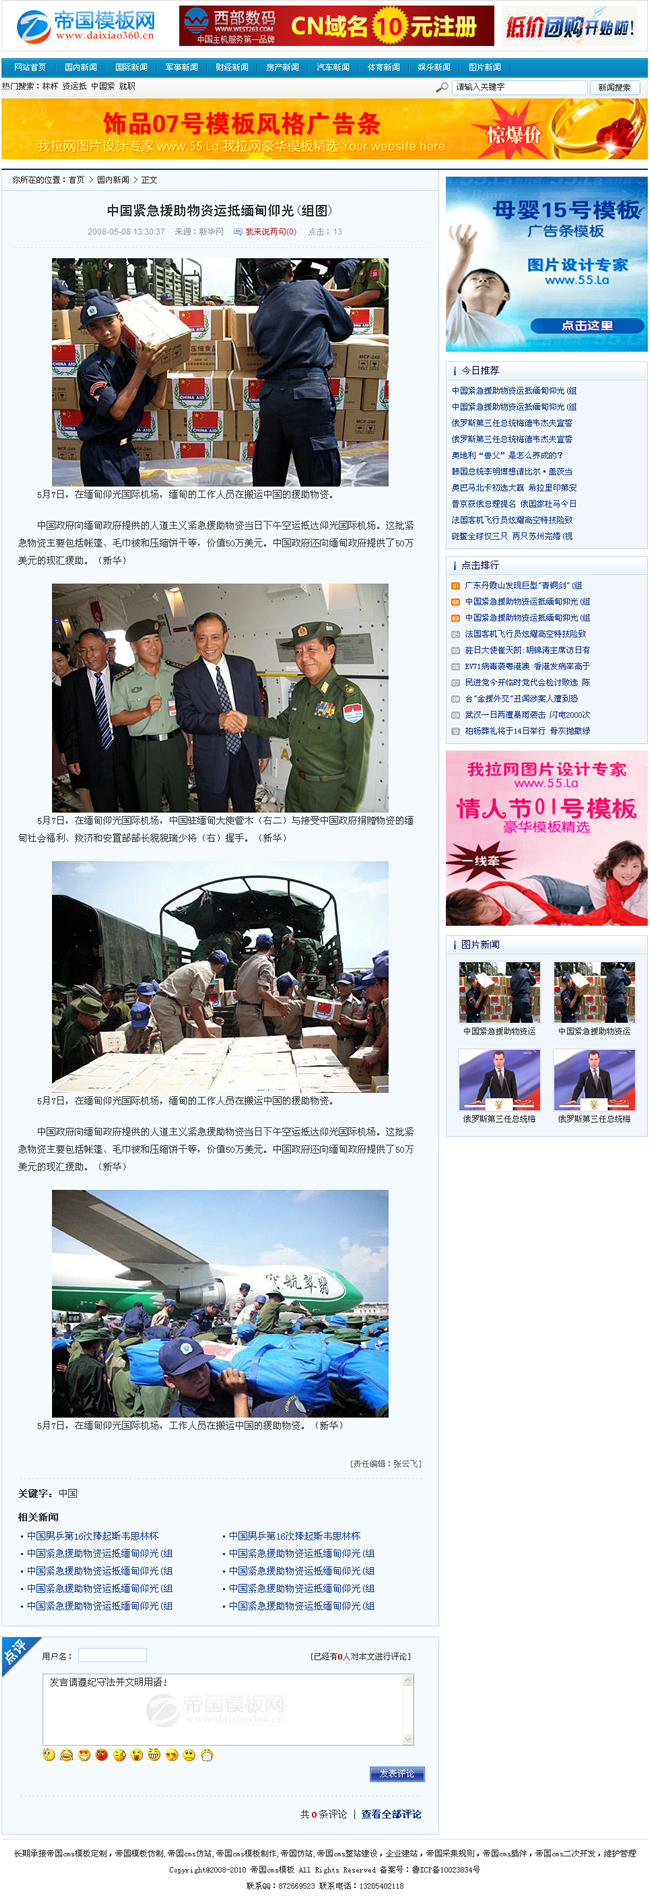 帝国cms蓝色文章新闻资讯网站程序源码模板_内容页